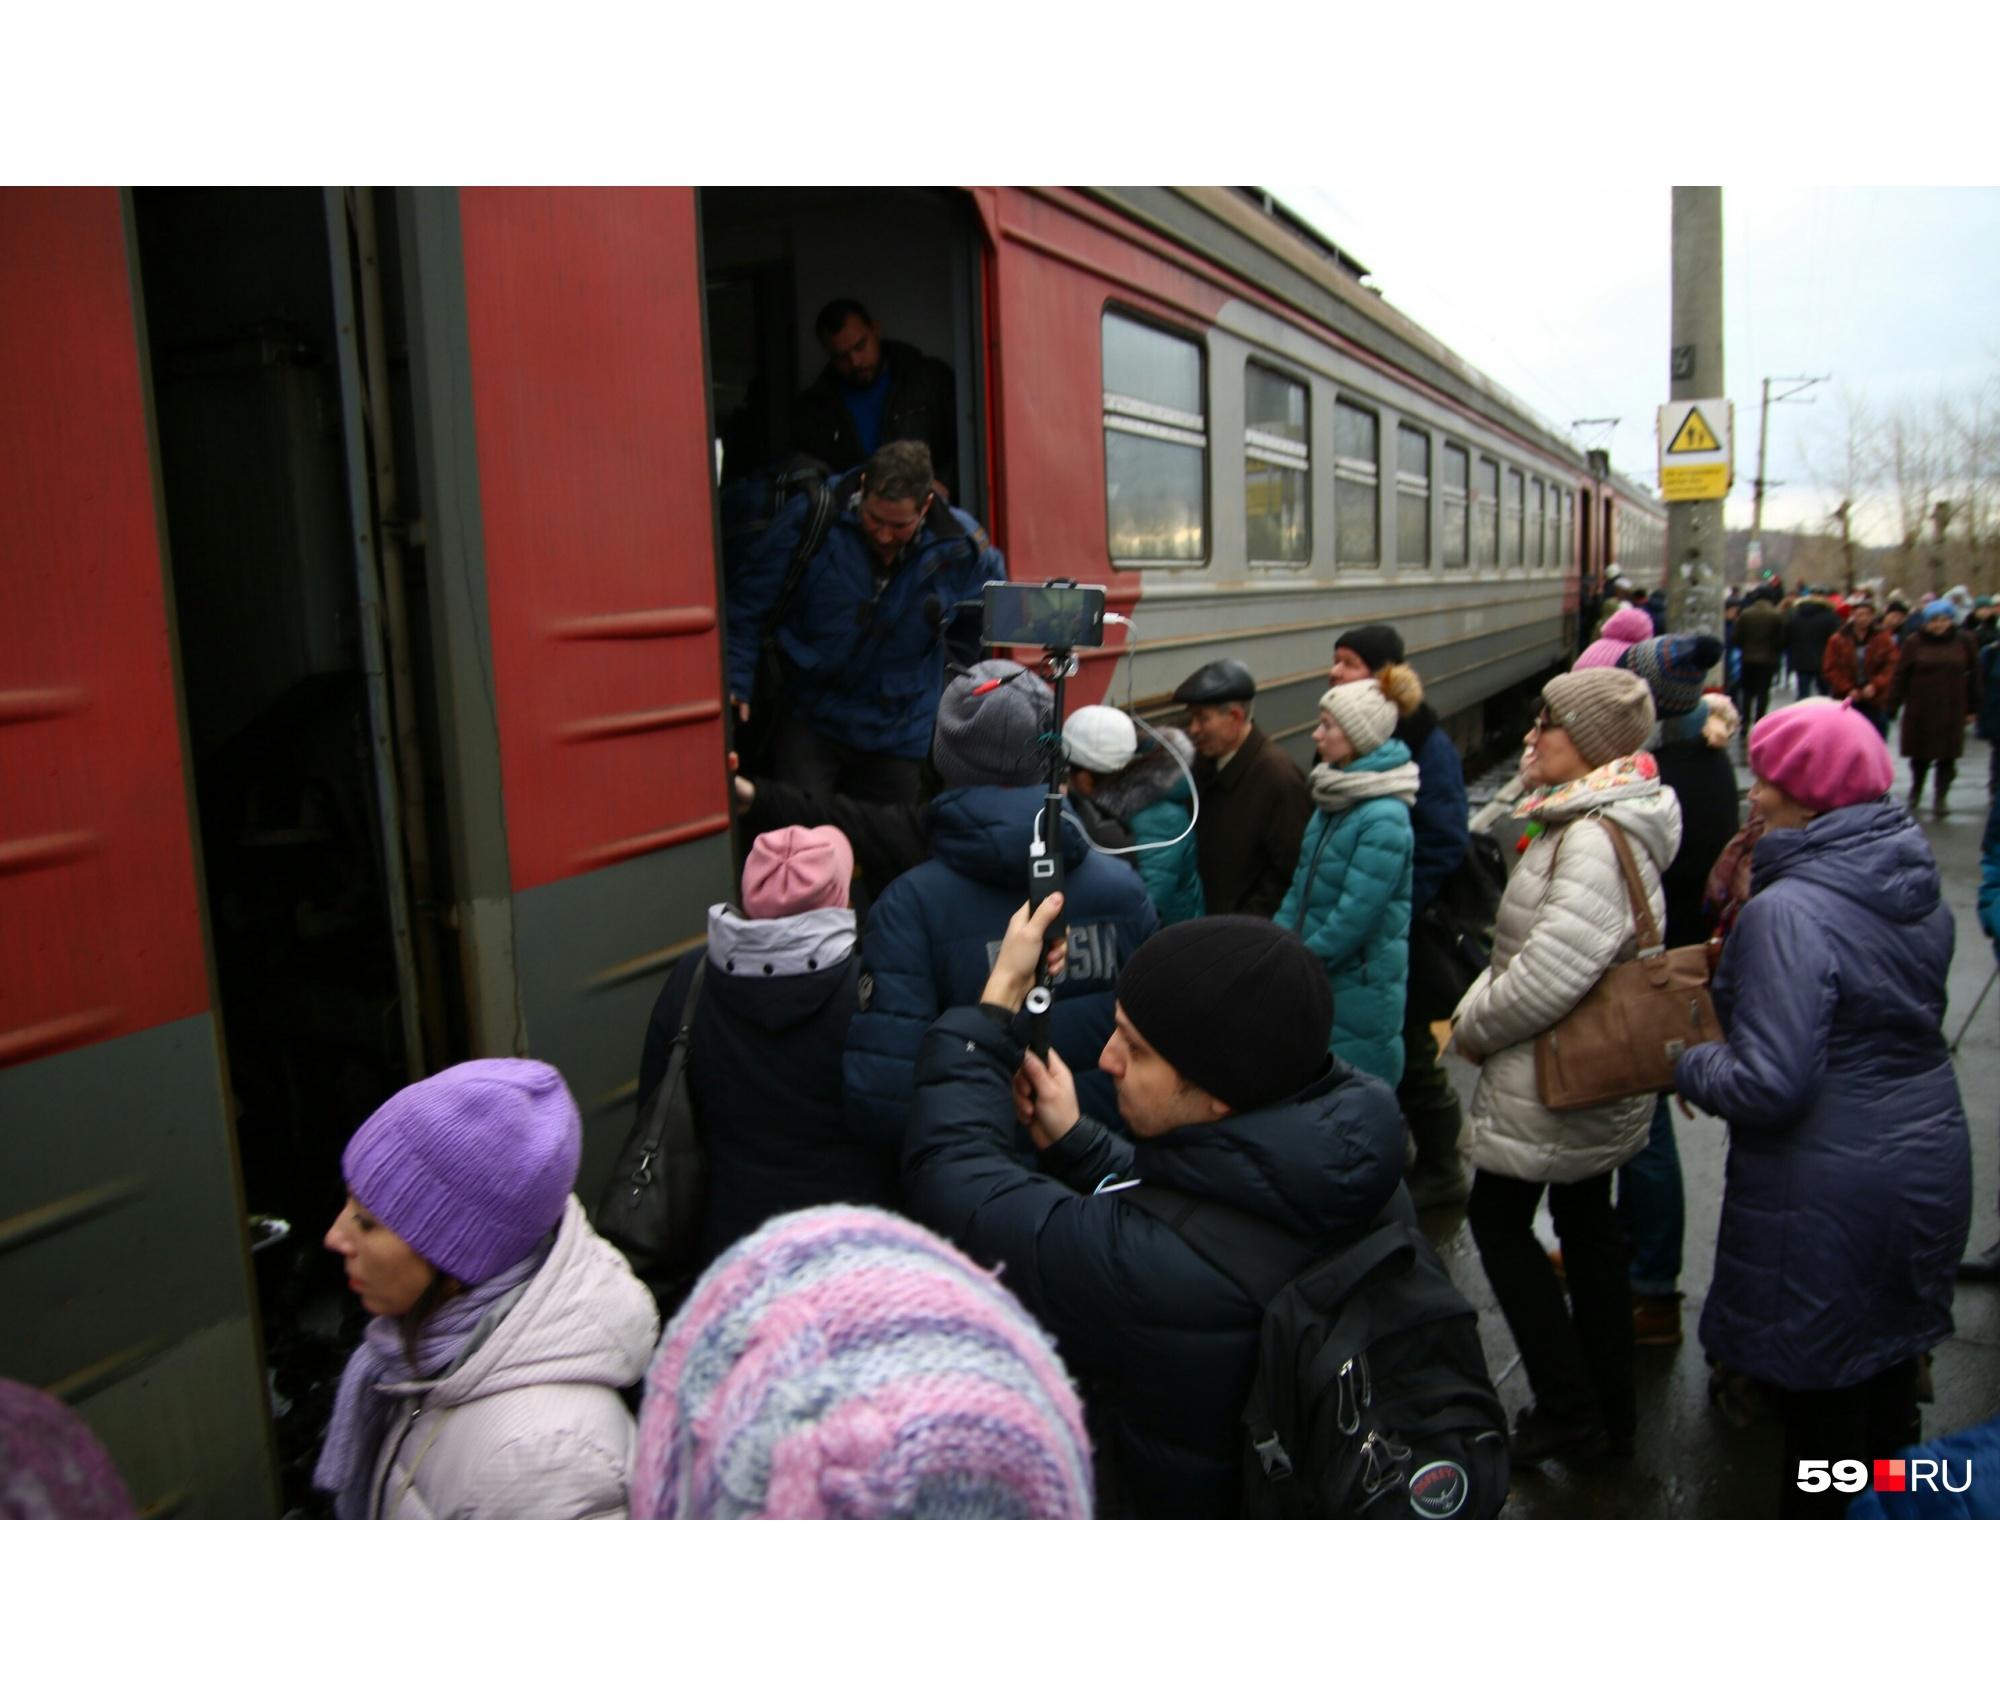 Участники акции садятся в вагон электрички